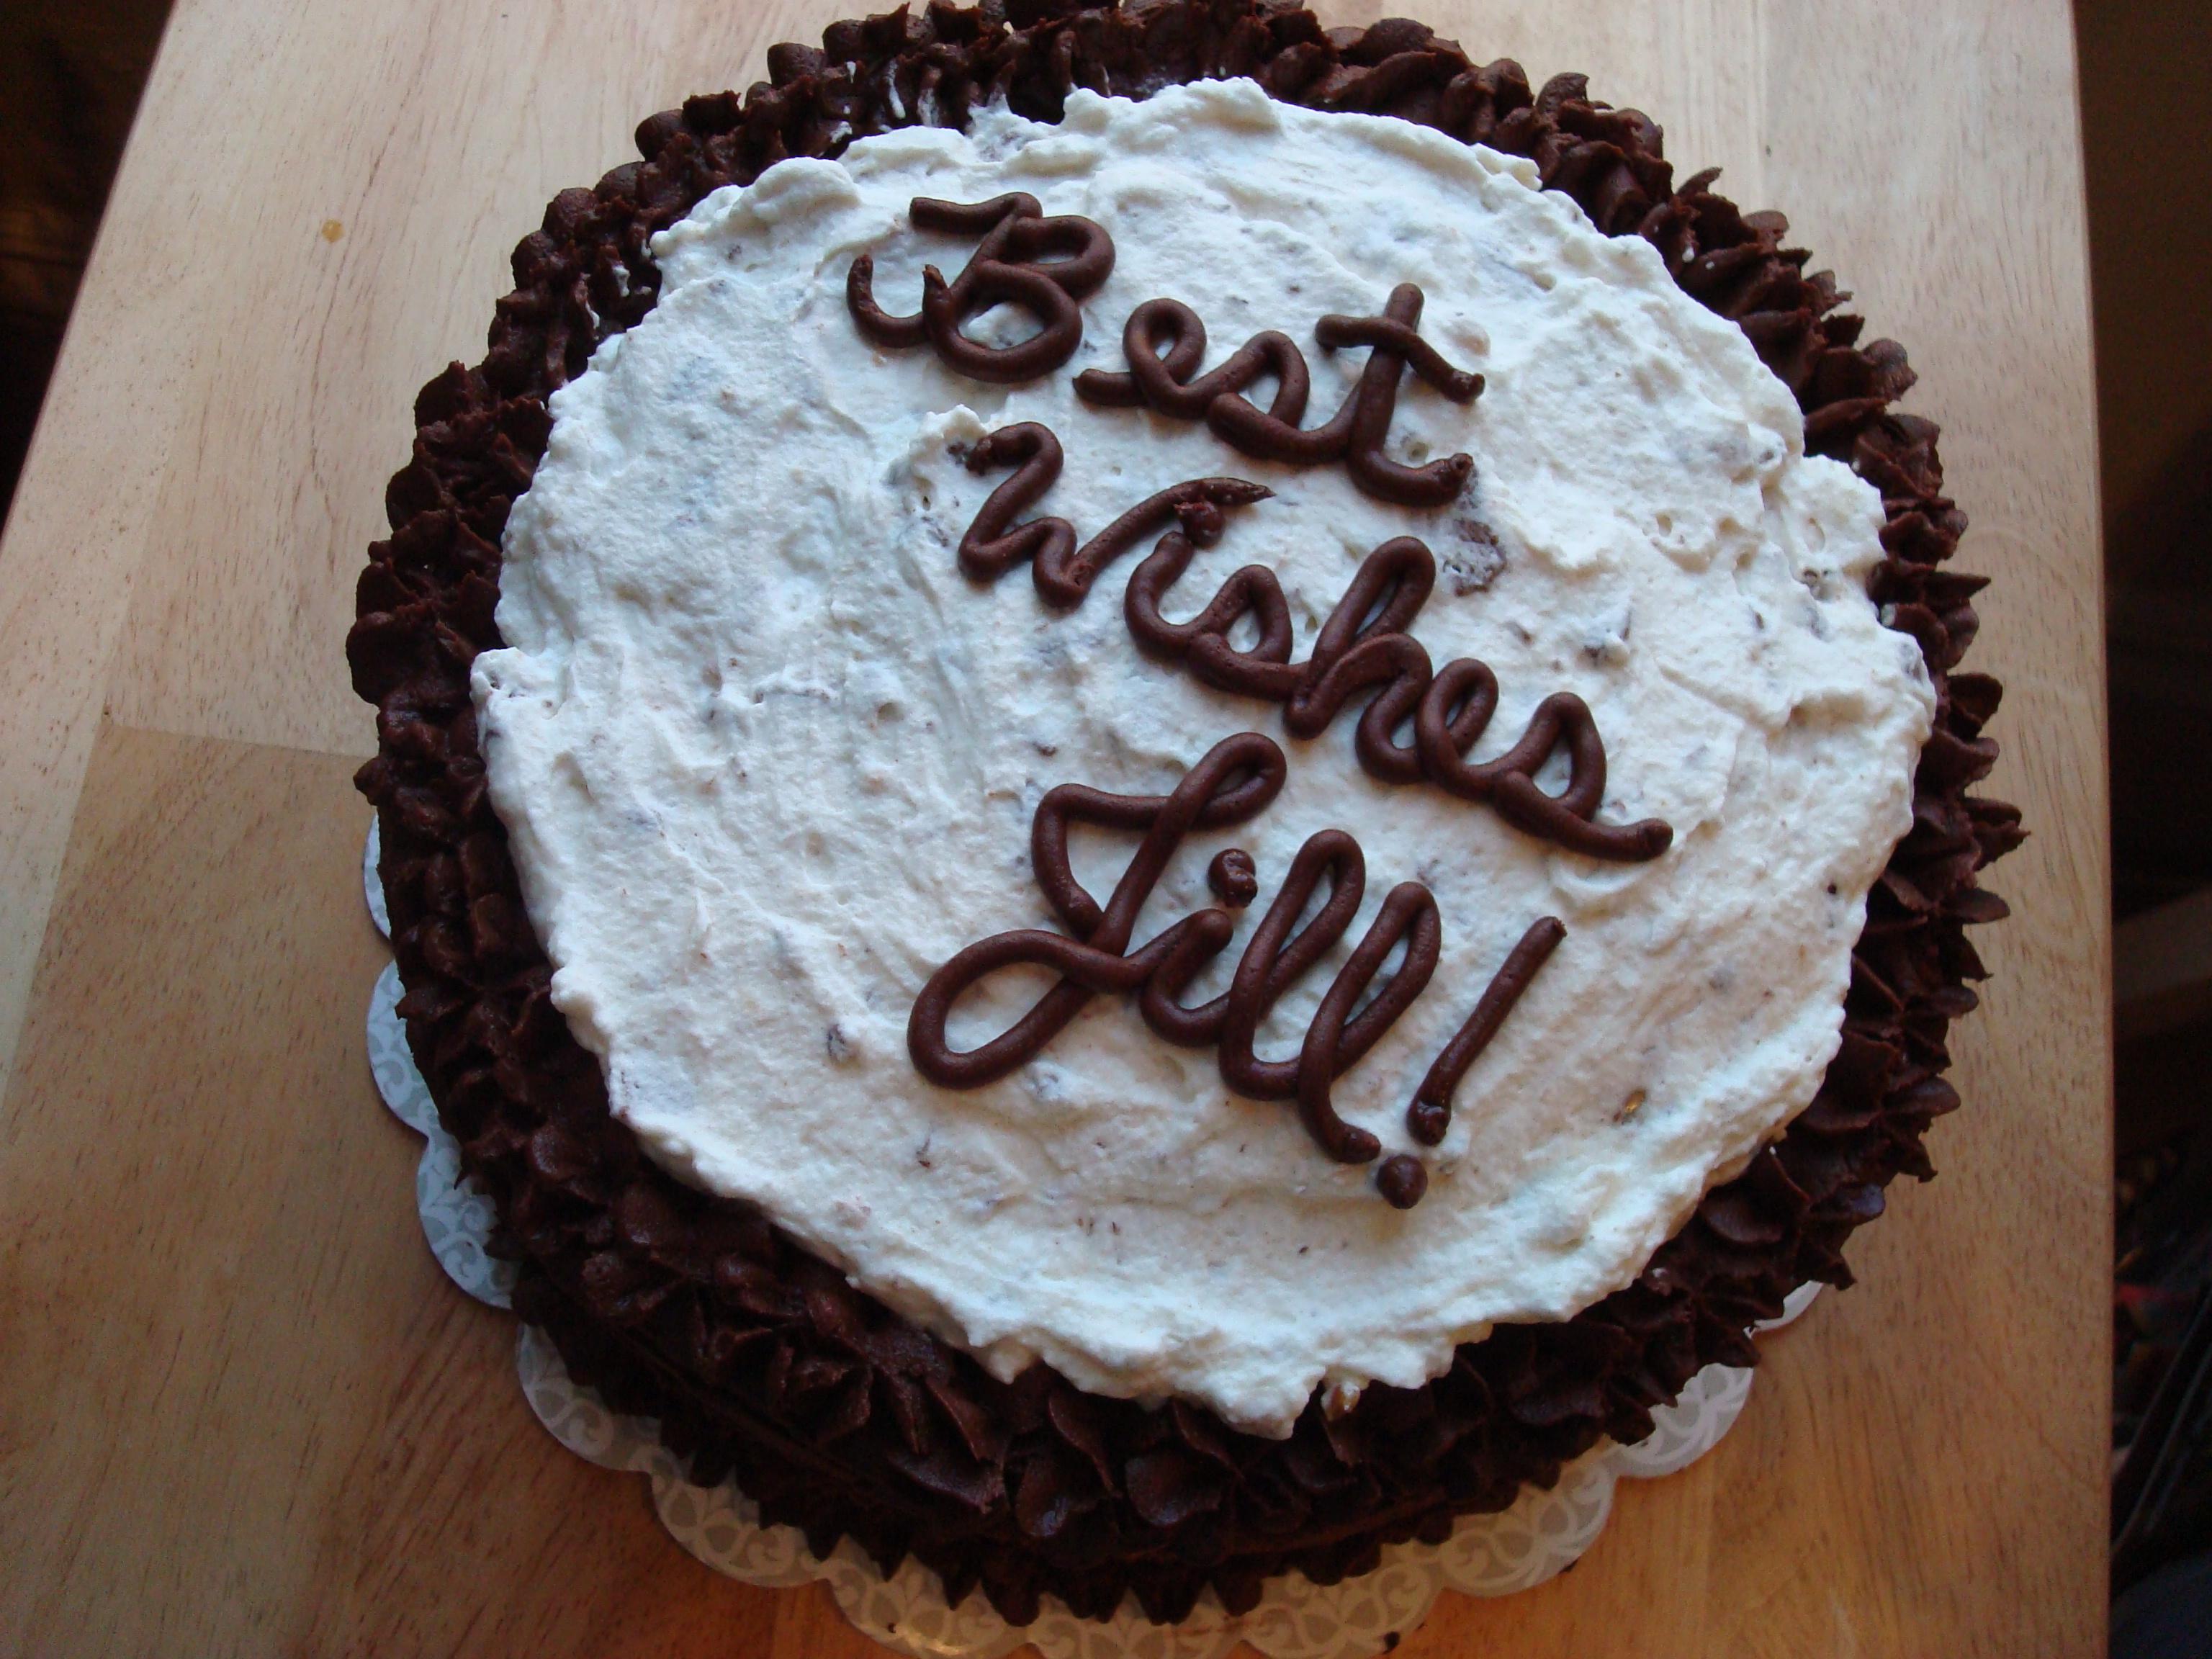 Rebounder Cake